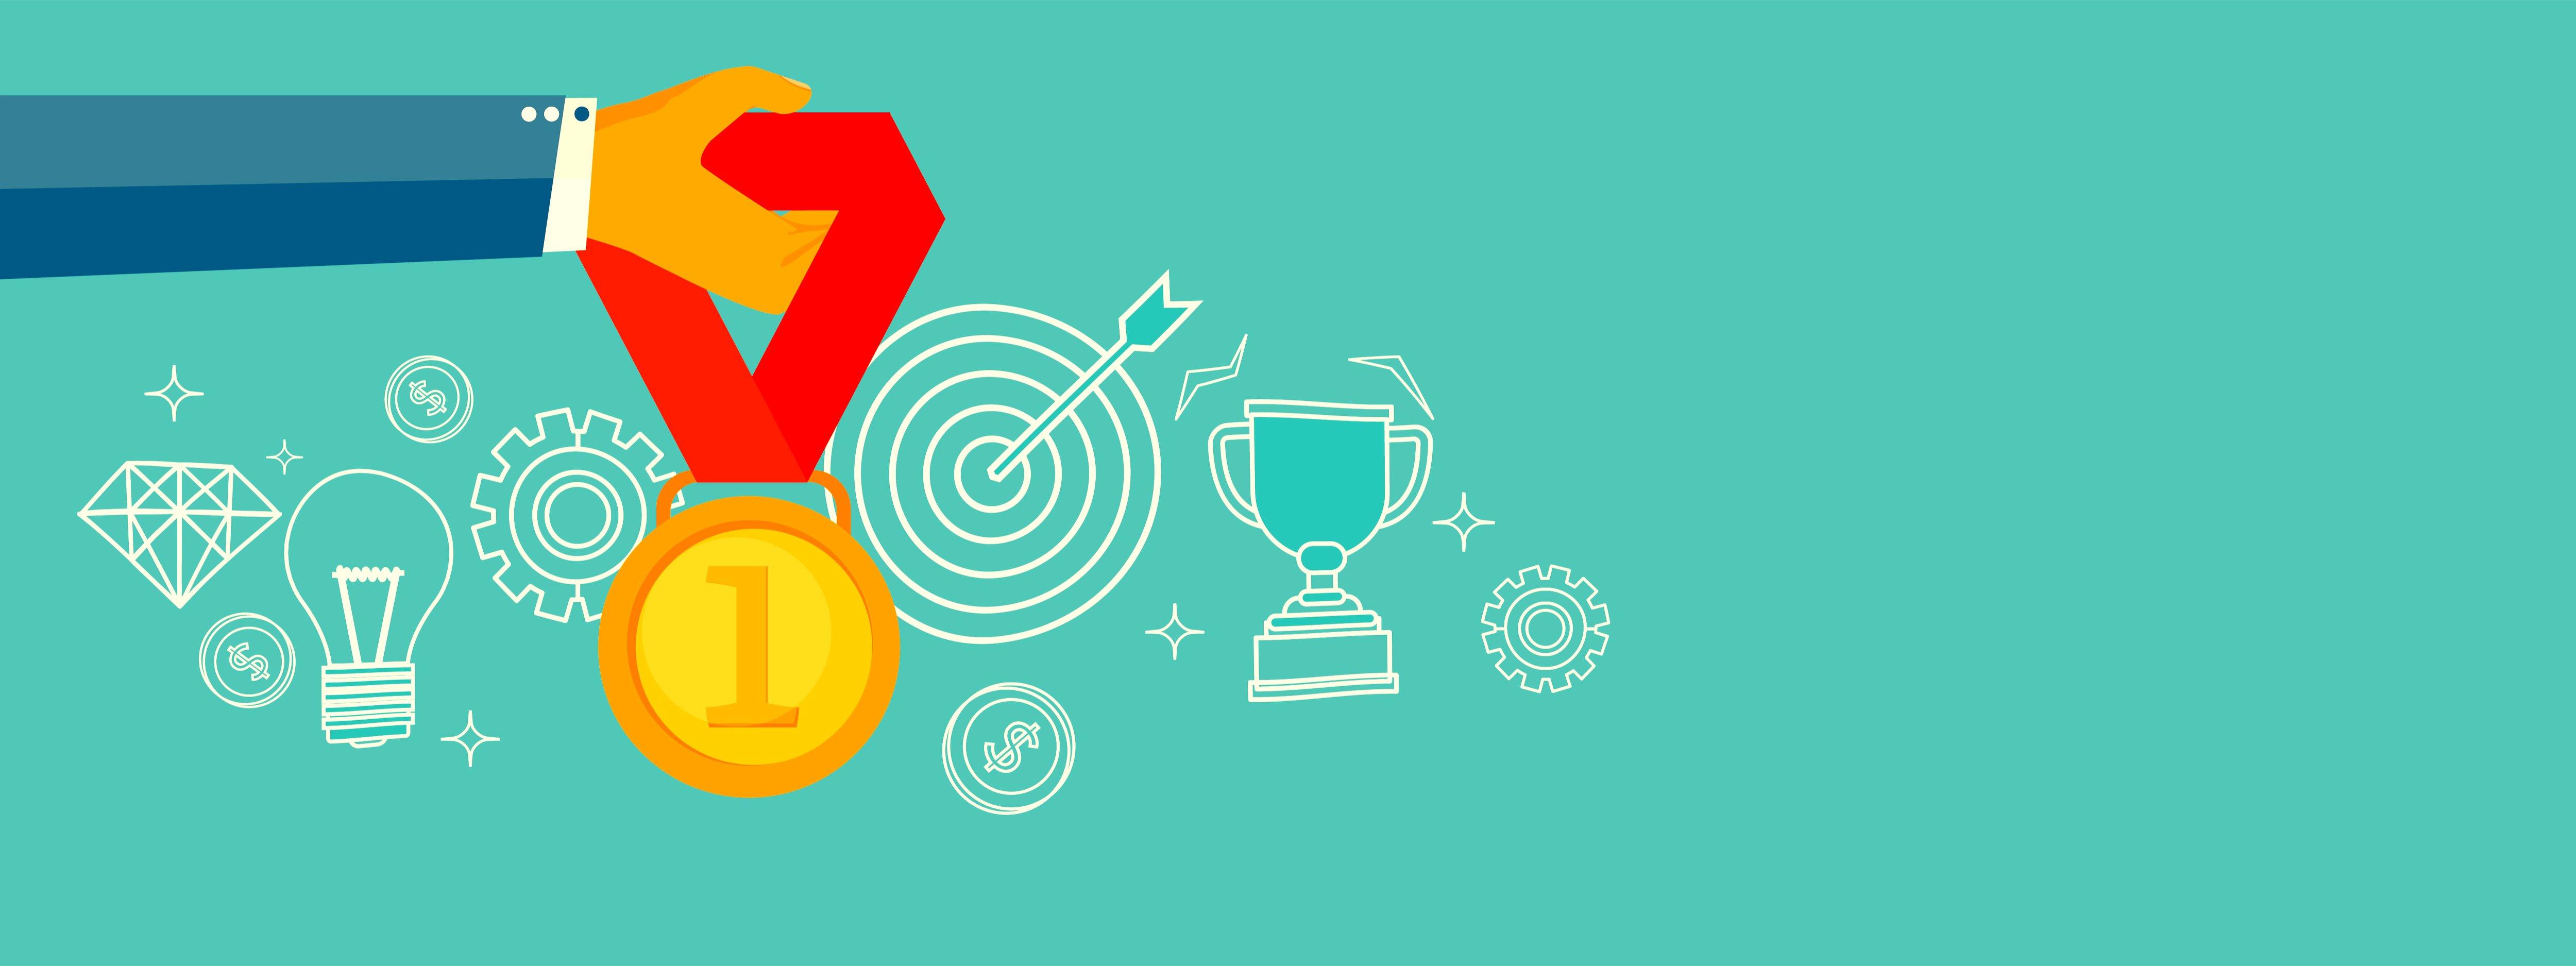 premios en cursos elearning